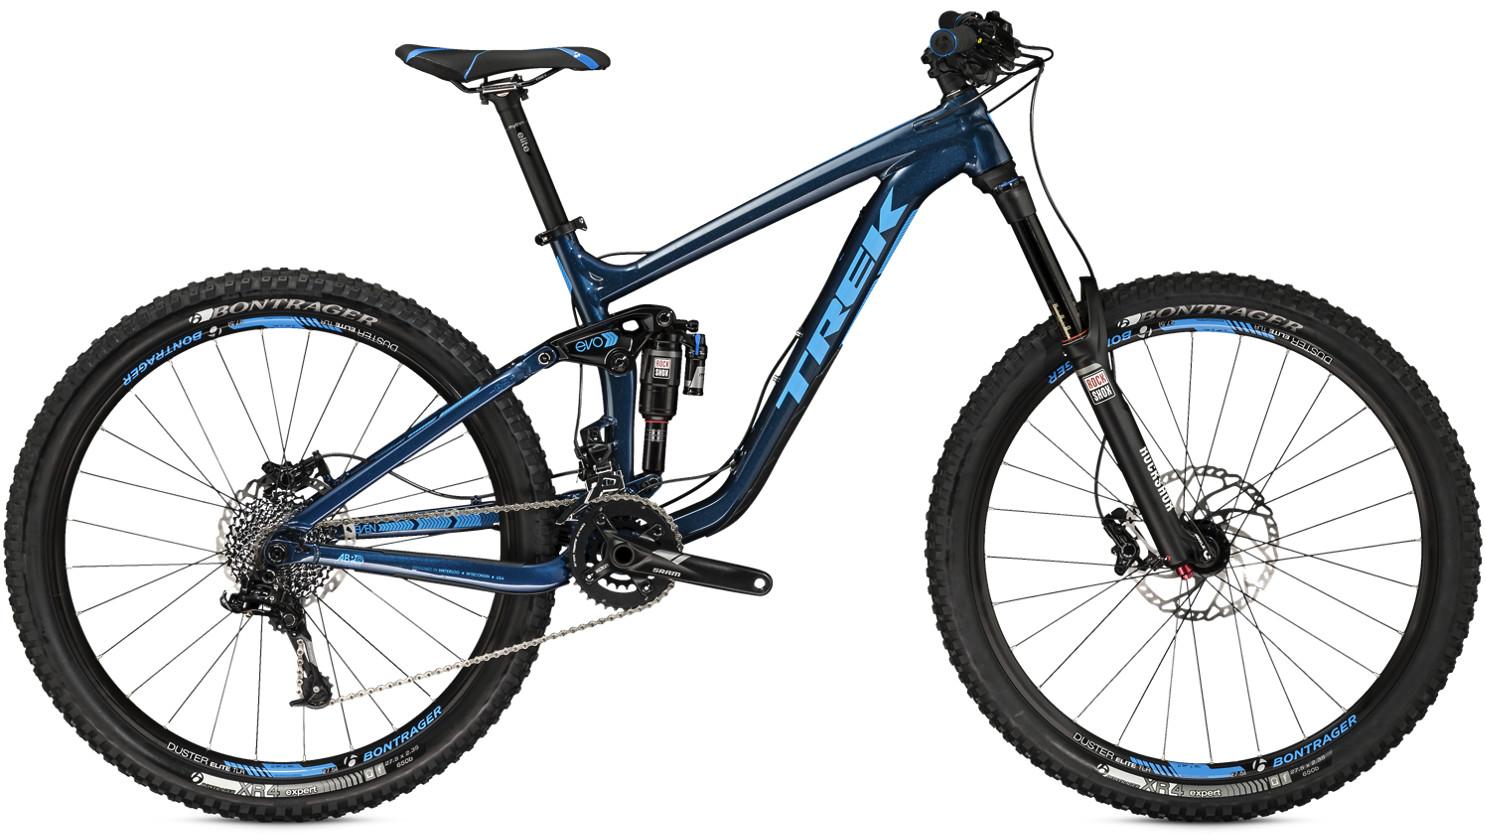 2015 Trek Slash 7 27 5 Bike Reviews Comparisons Specs